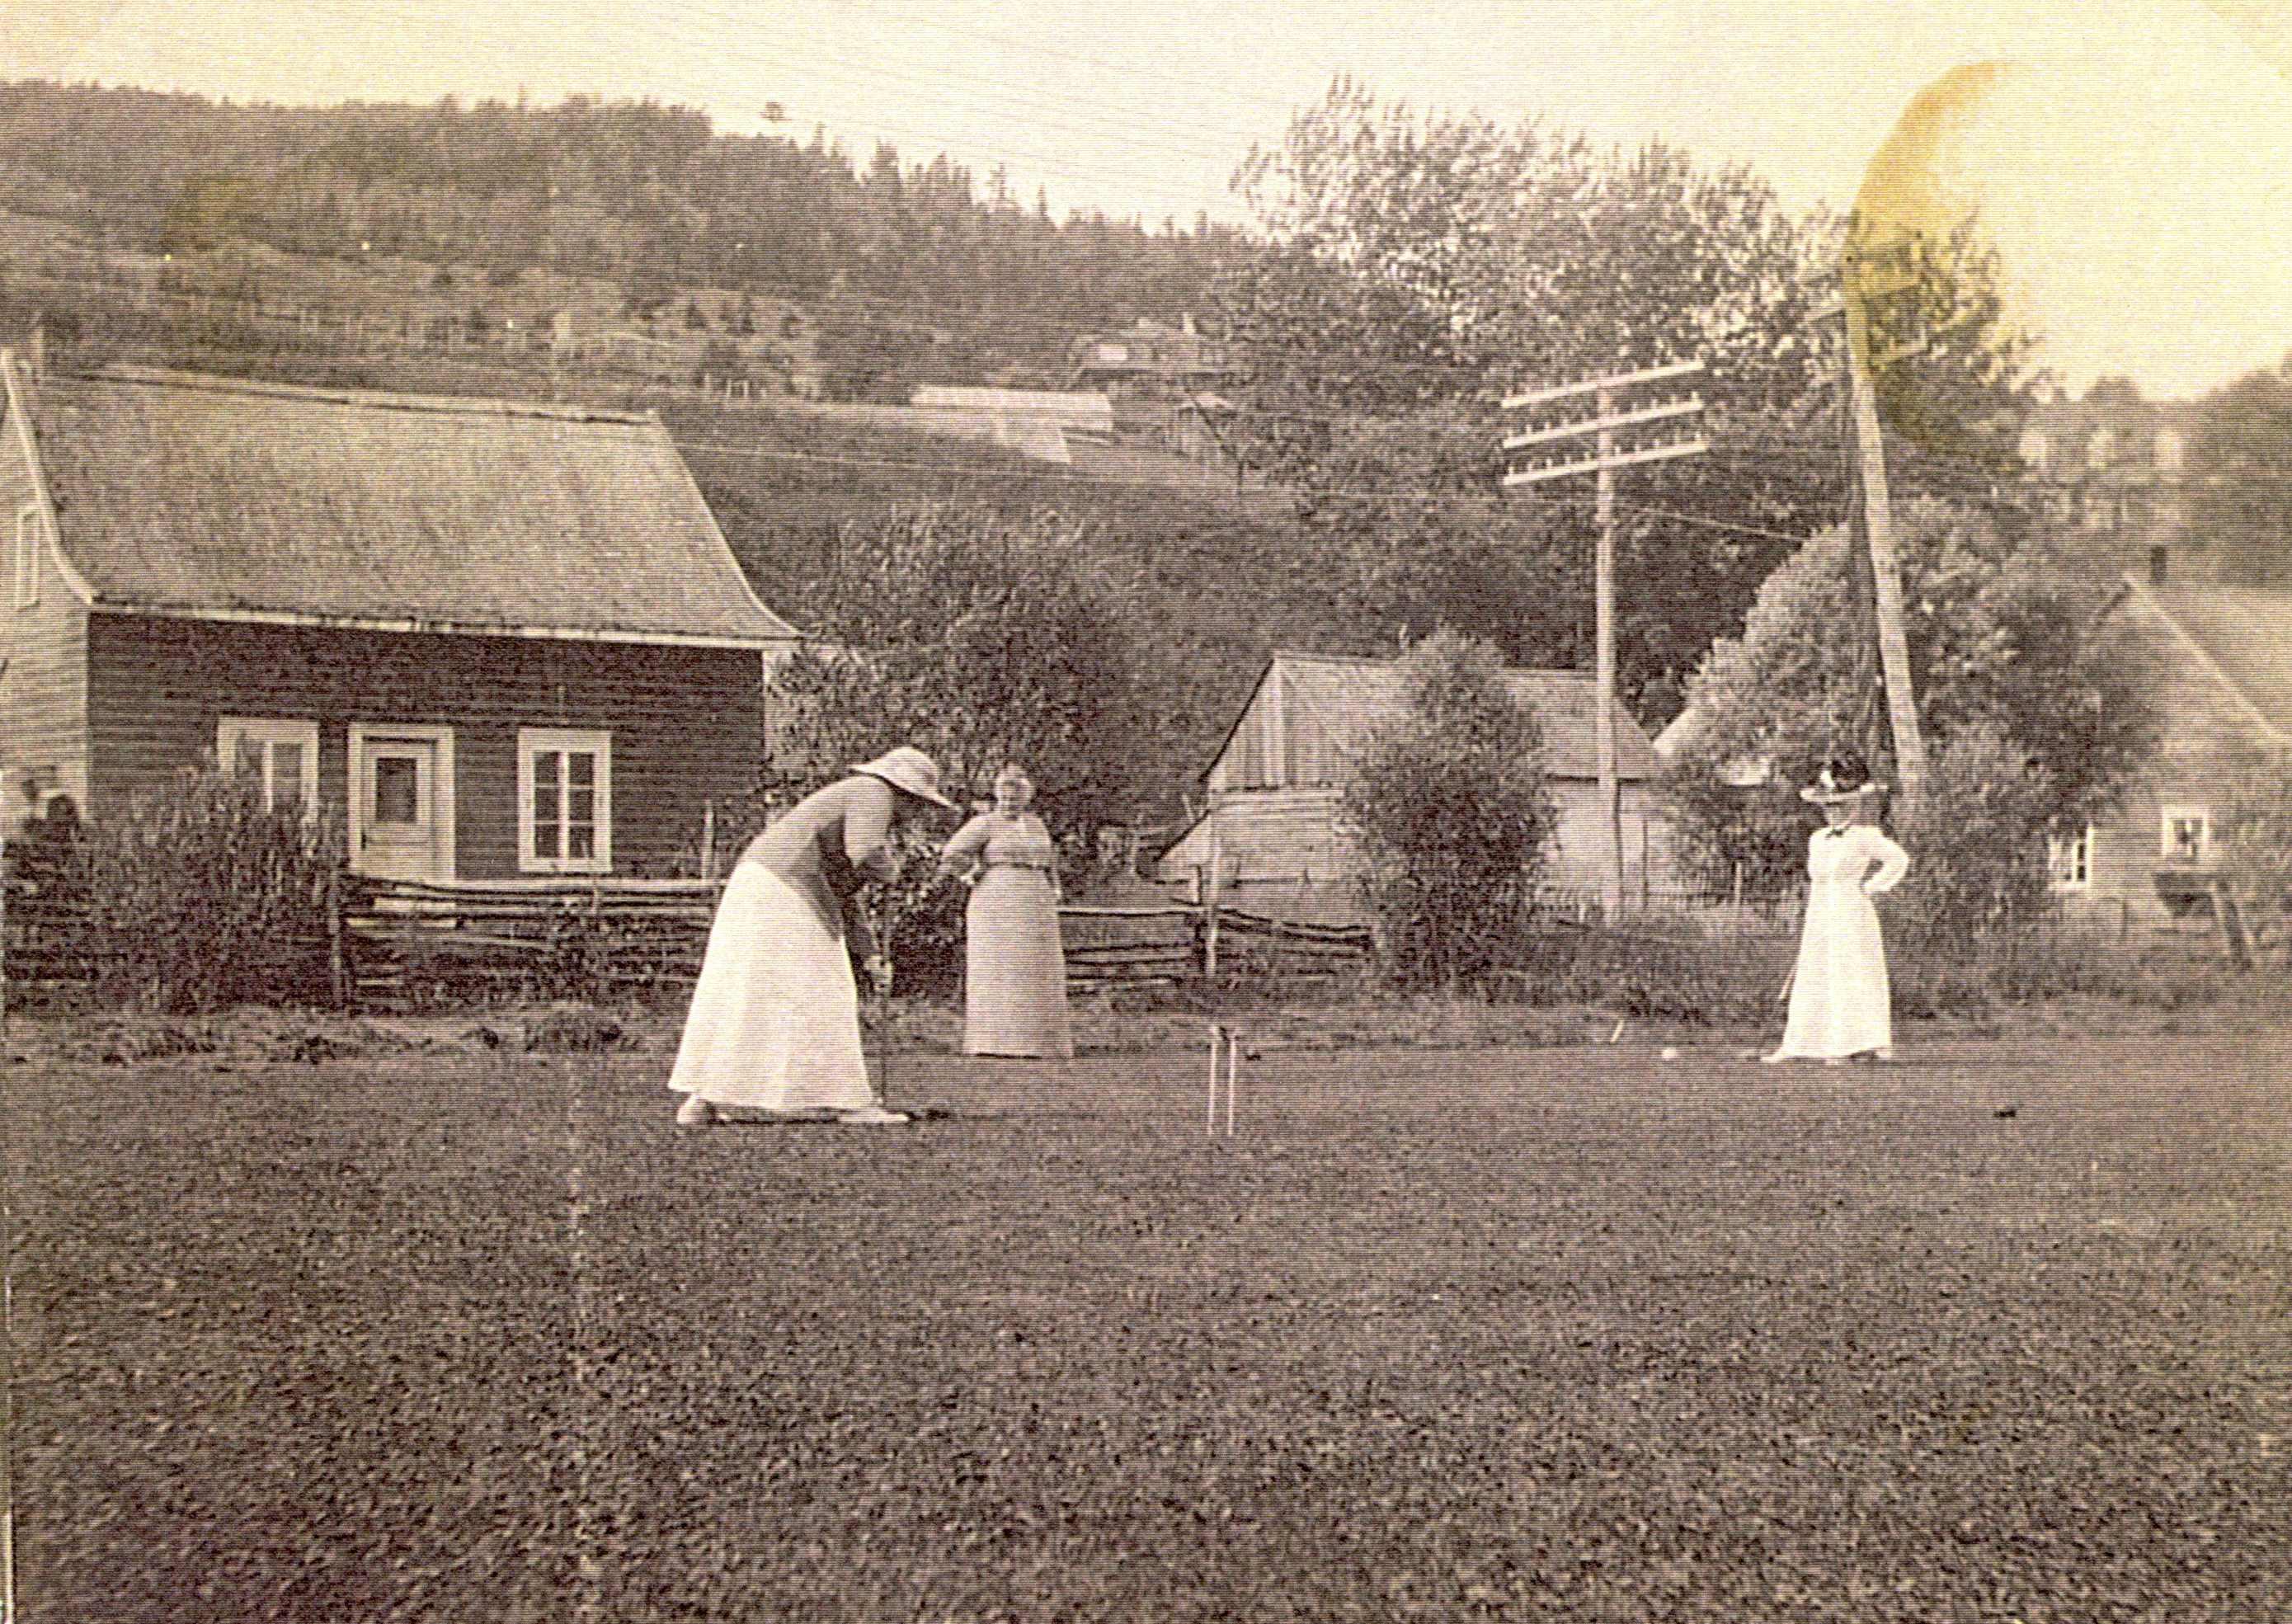 Trois femmes jouent au croquet près de maisons situées au pied d'une montagne.